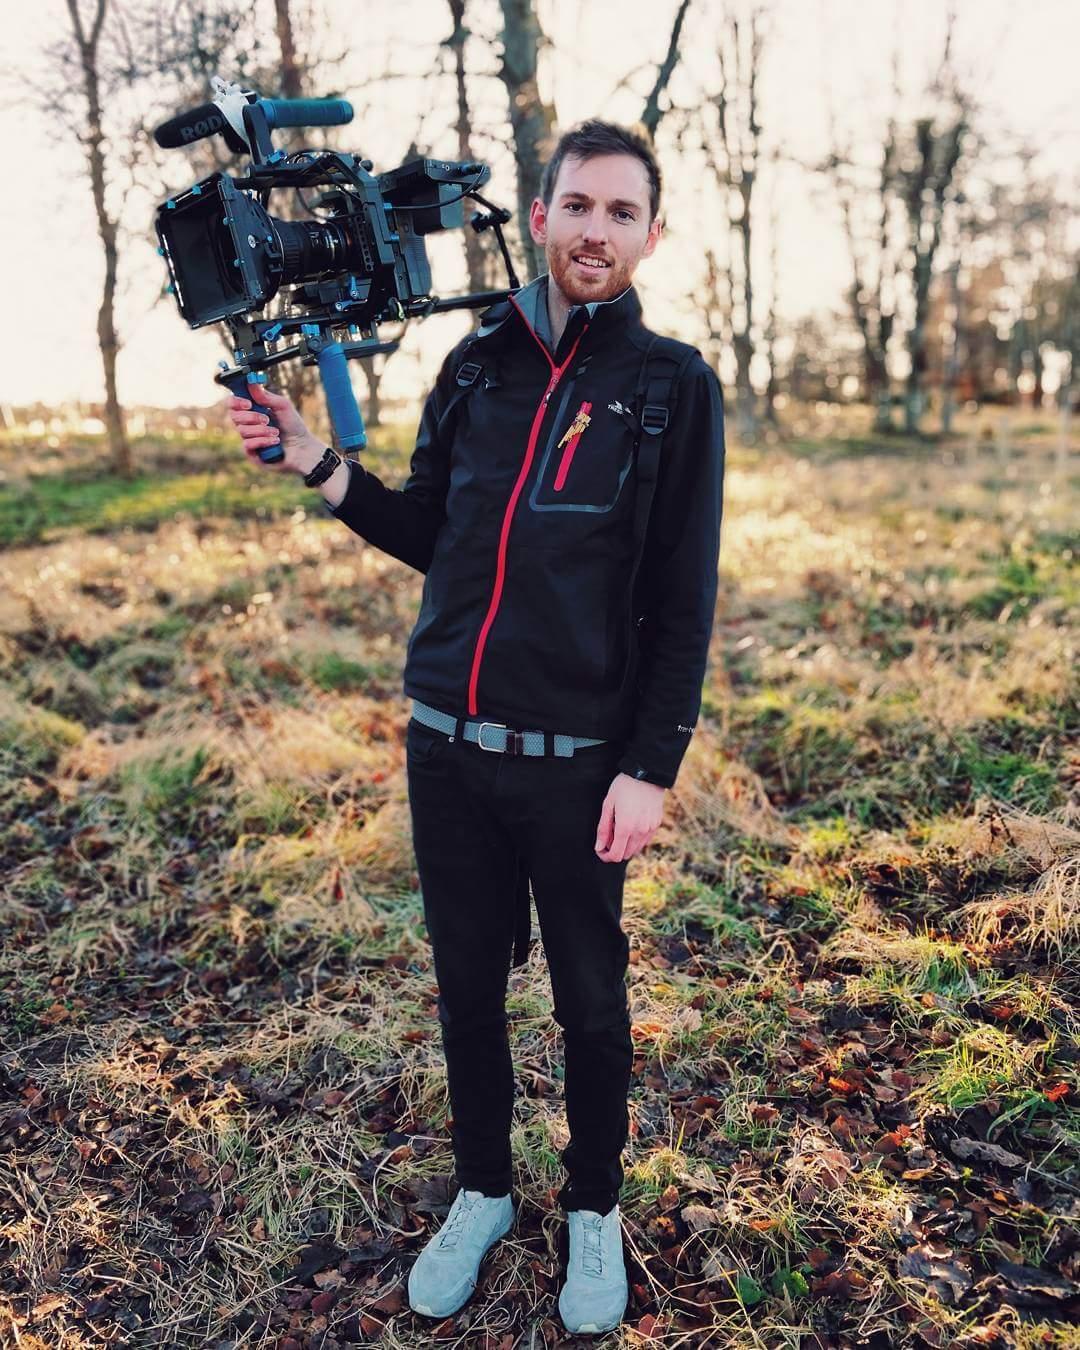 Filmtools Filmmaker Friday featuring Filmmaker LewisForfar 12